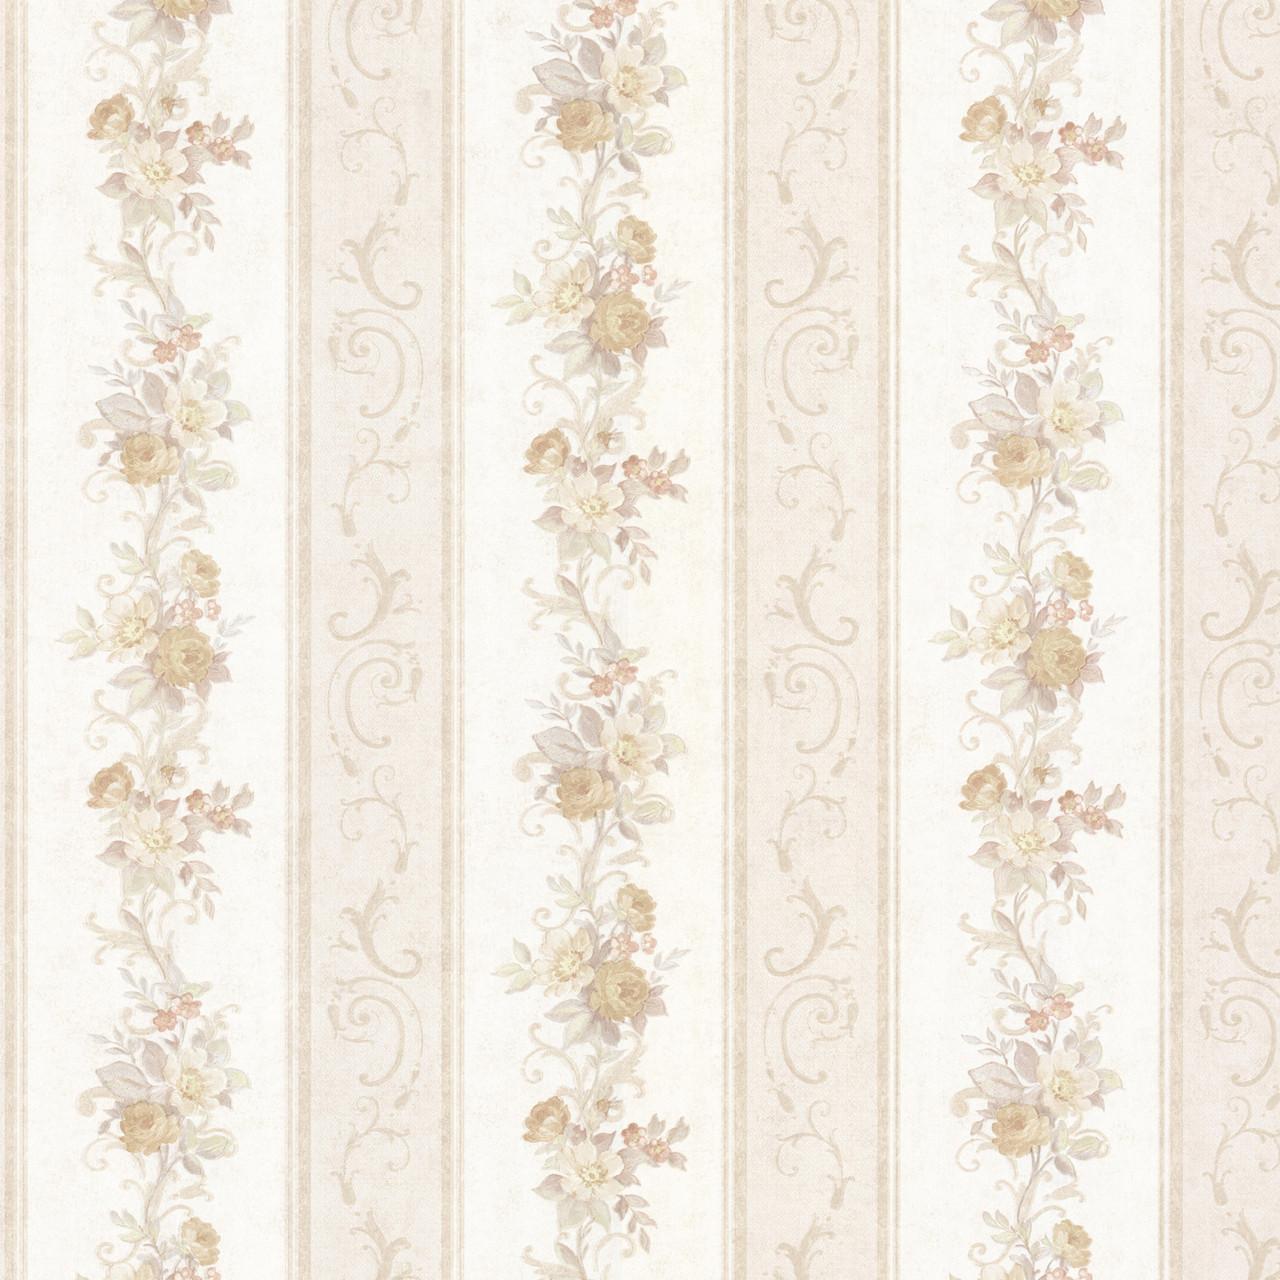 992 68302 Lorelai Taupe Floral Stripe Wallpaper Indoorwallpaper Com